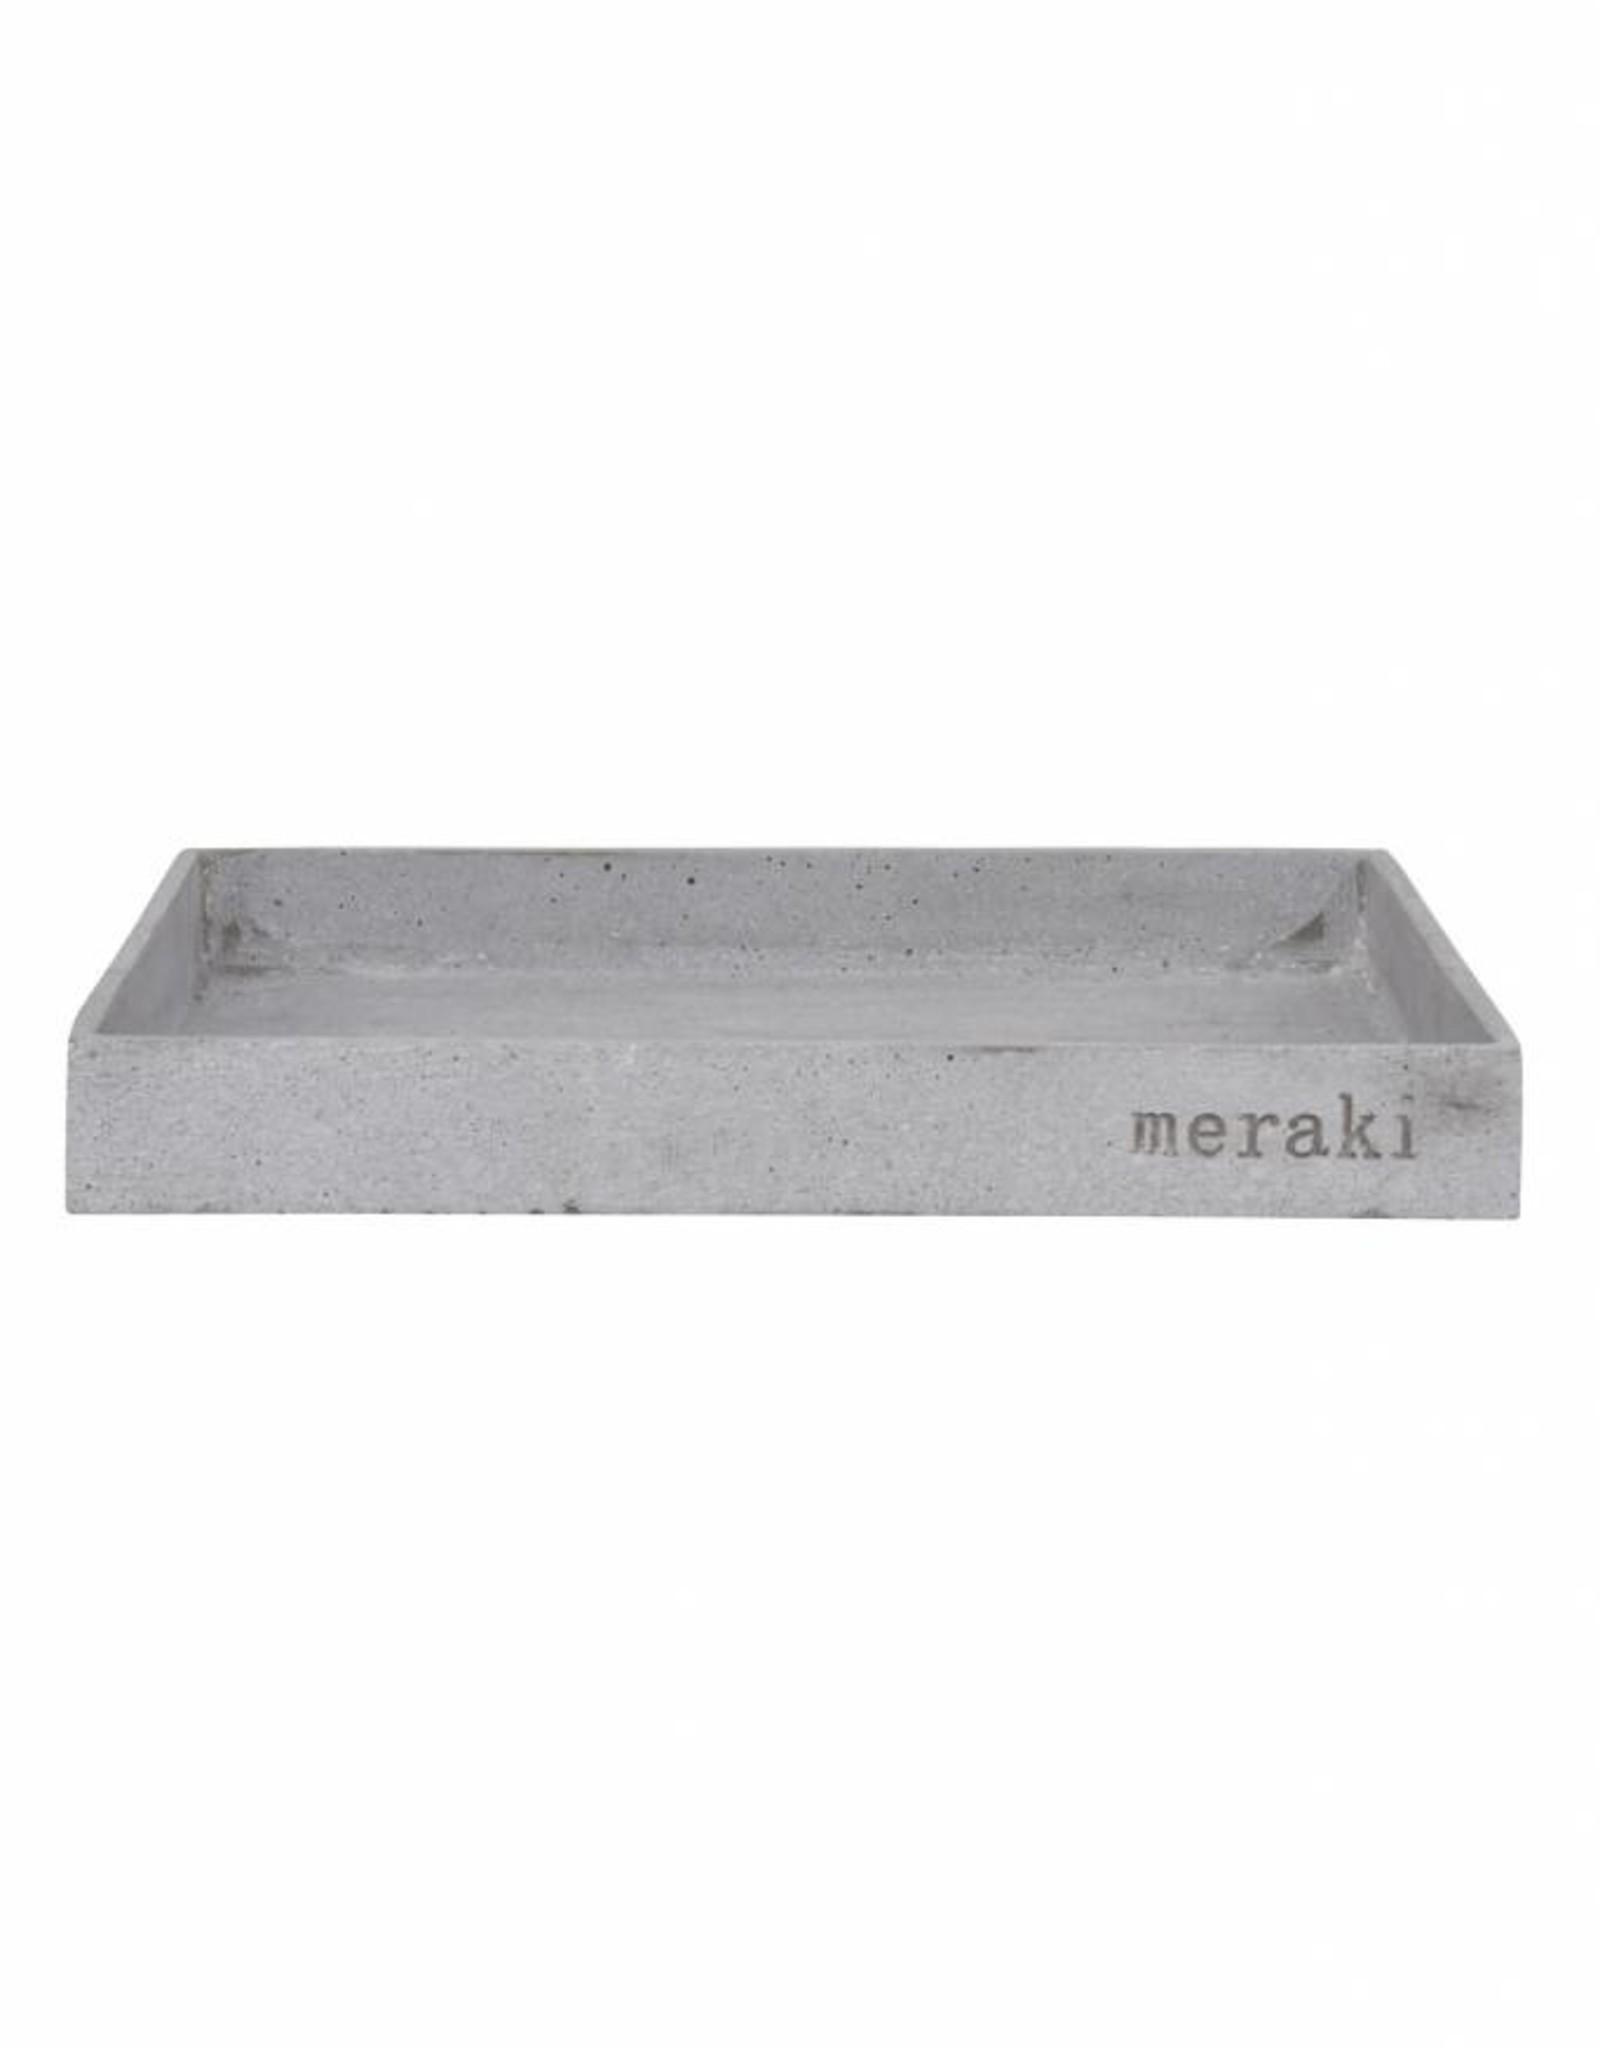 Meraki Grey Pulverized Stone and Resin Tray